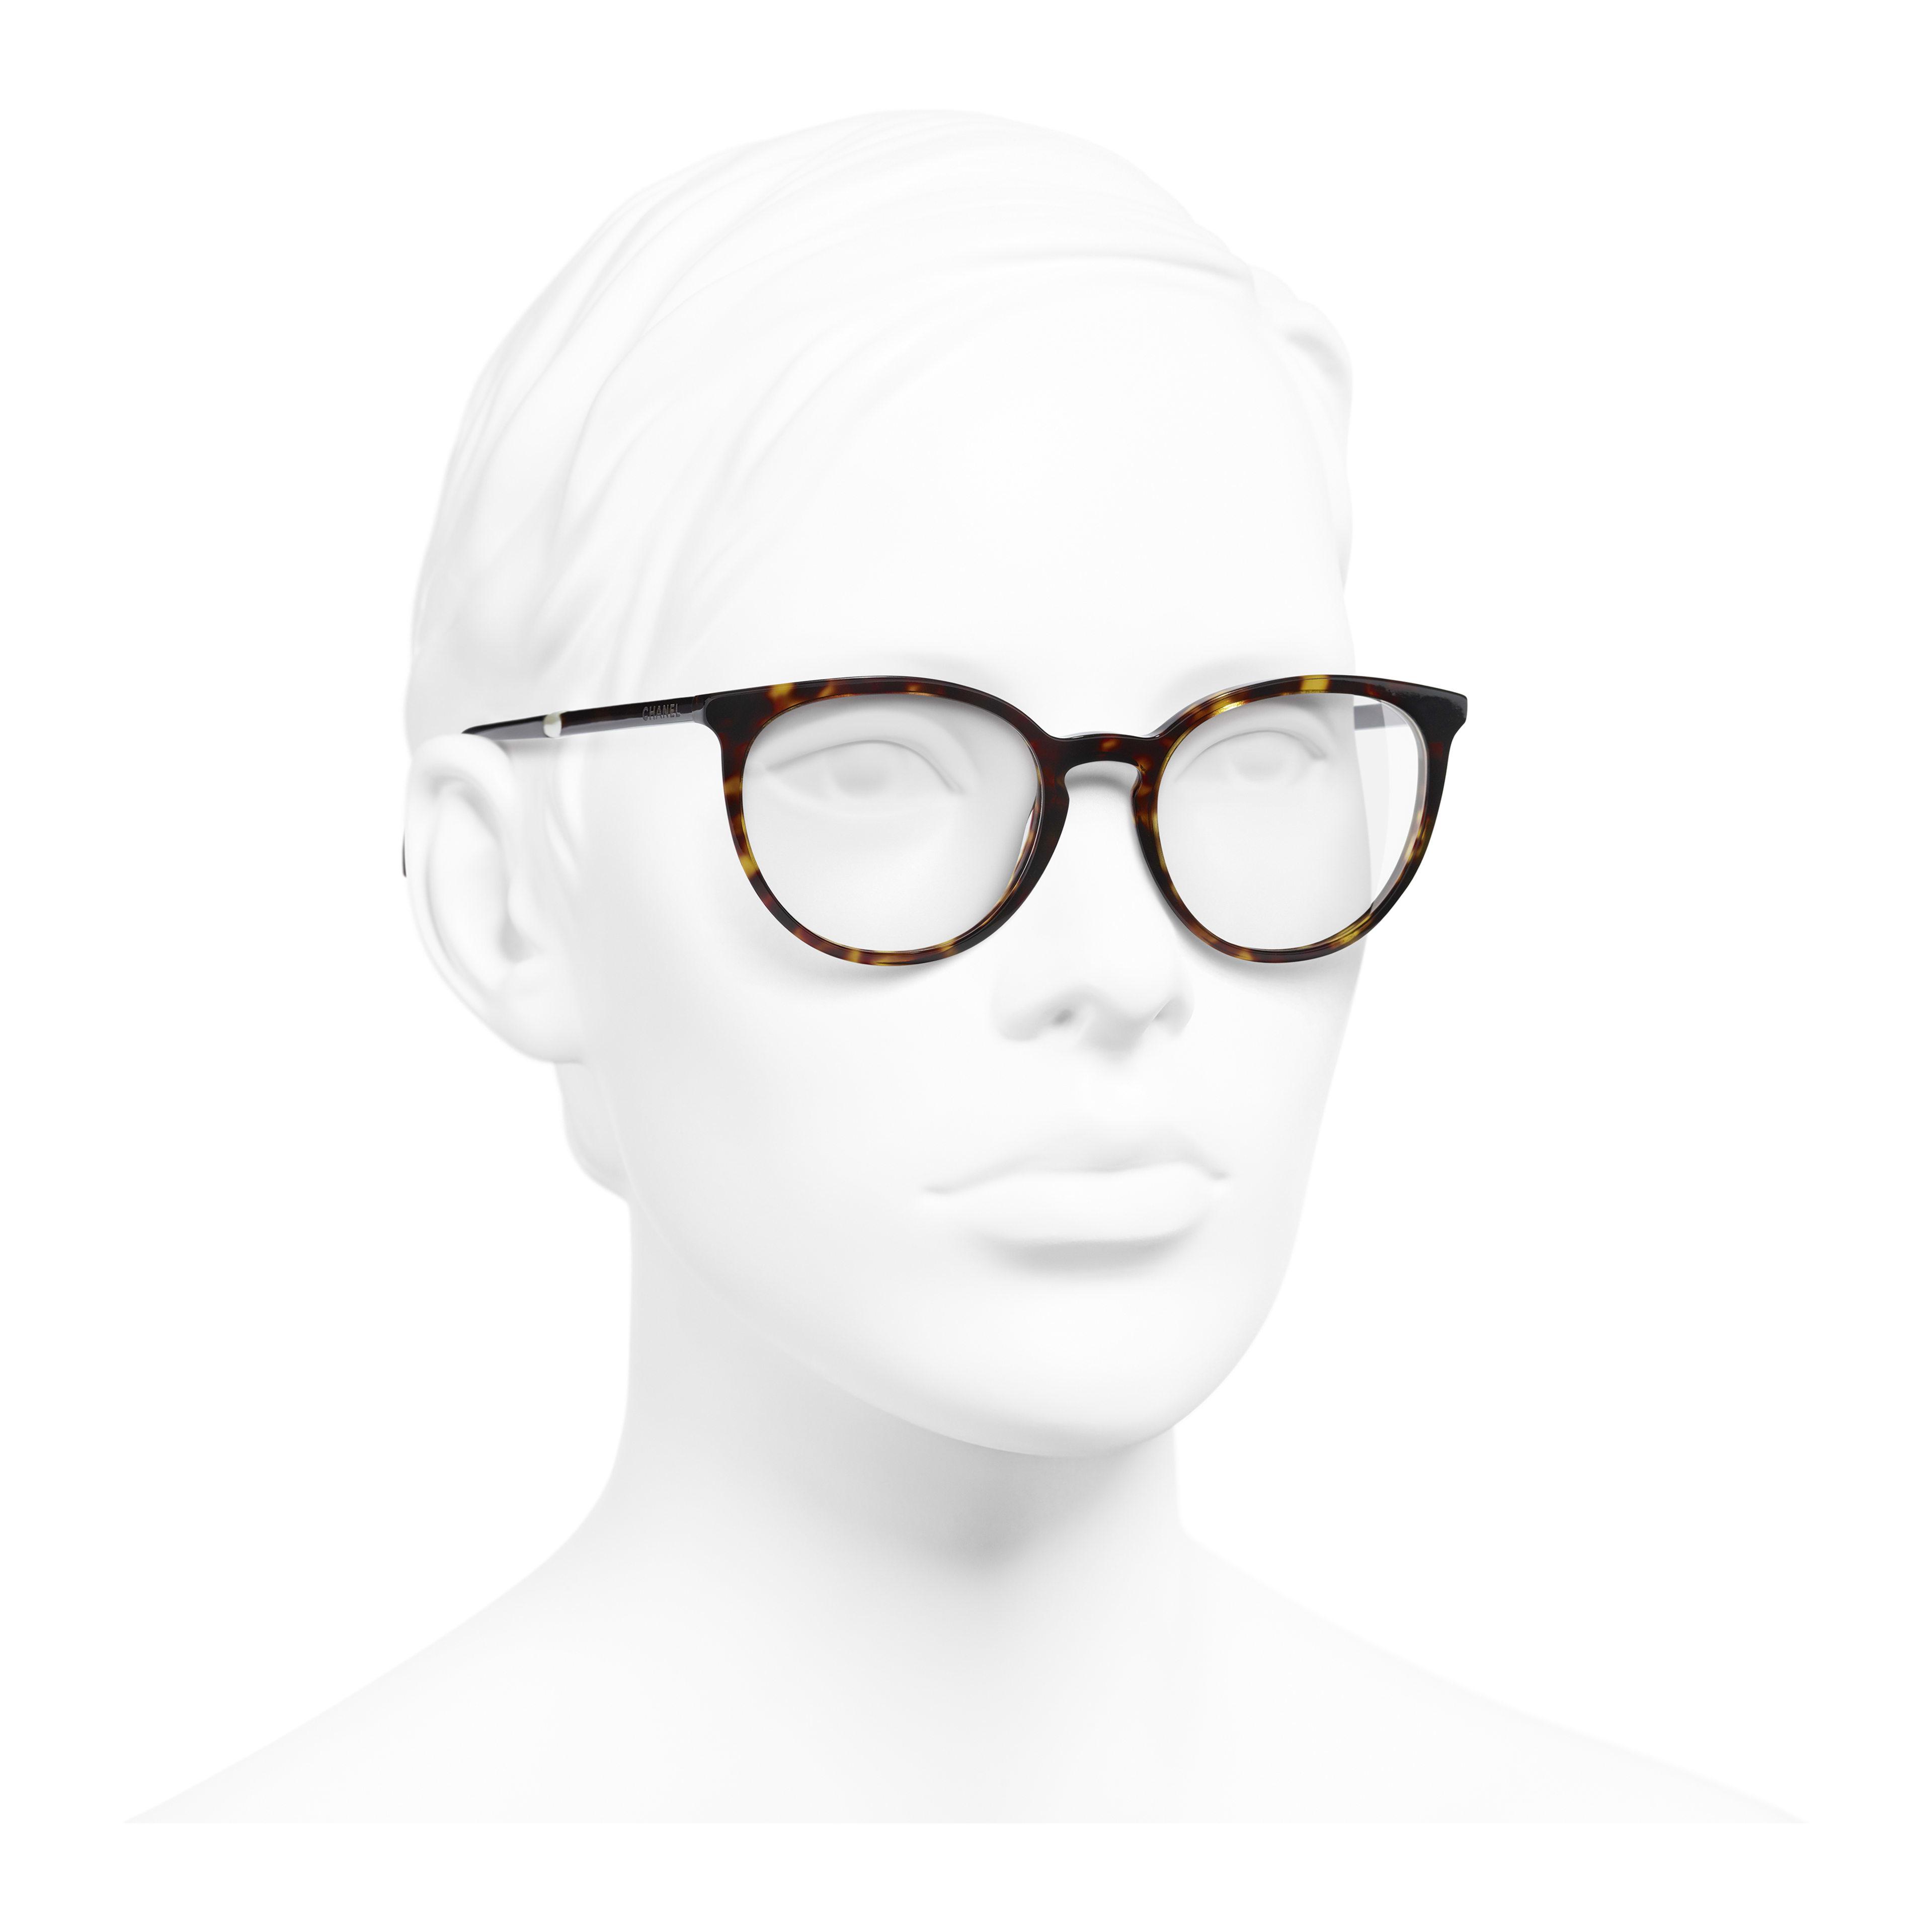 แว่นสายตาทรง Pantos (แพนโทส) - สีกระเข้ม - อะซิเตทและมุก - มุมมองการสวมใส่ 3/4 - ดูเวอร์ชันขนาดเต็ม